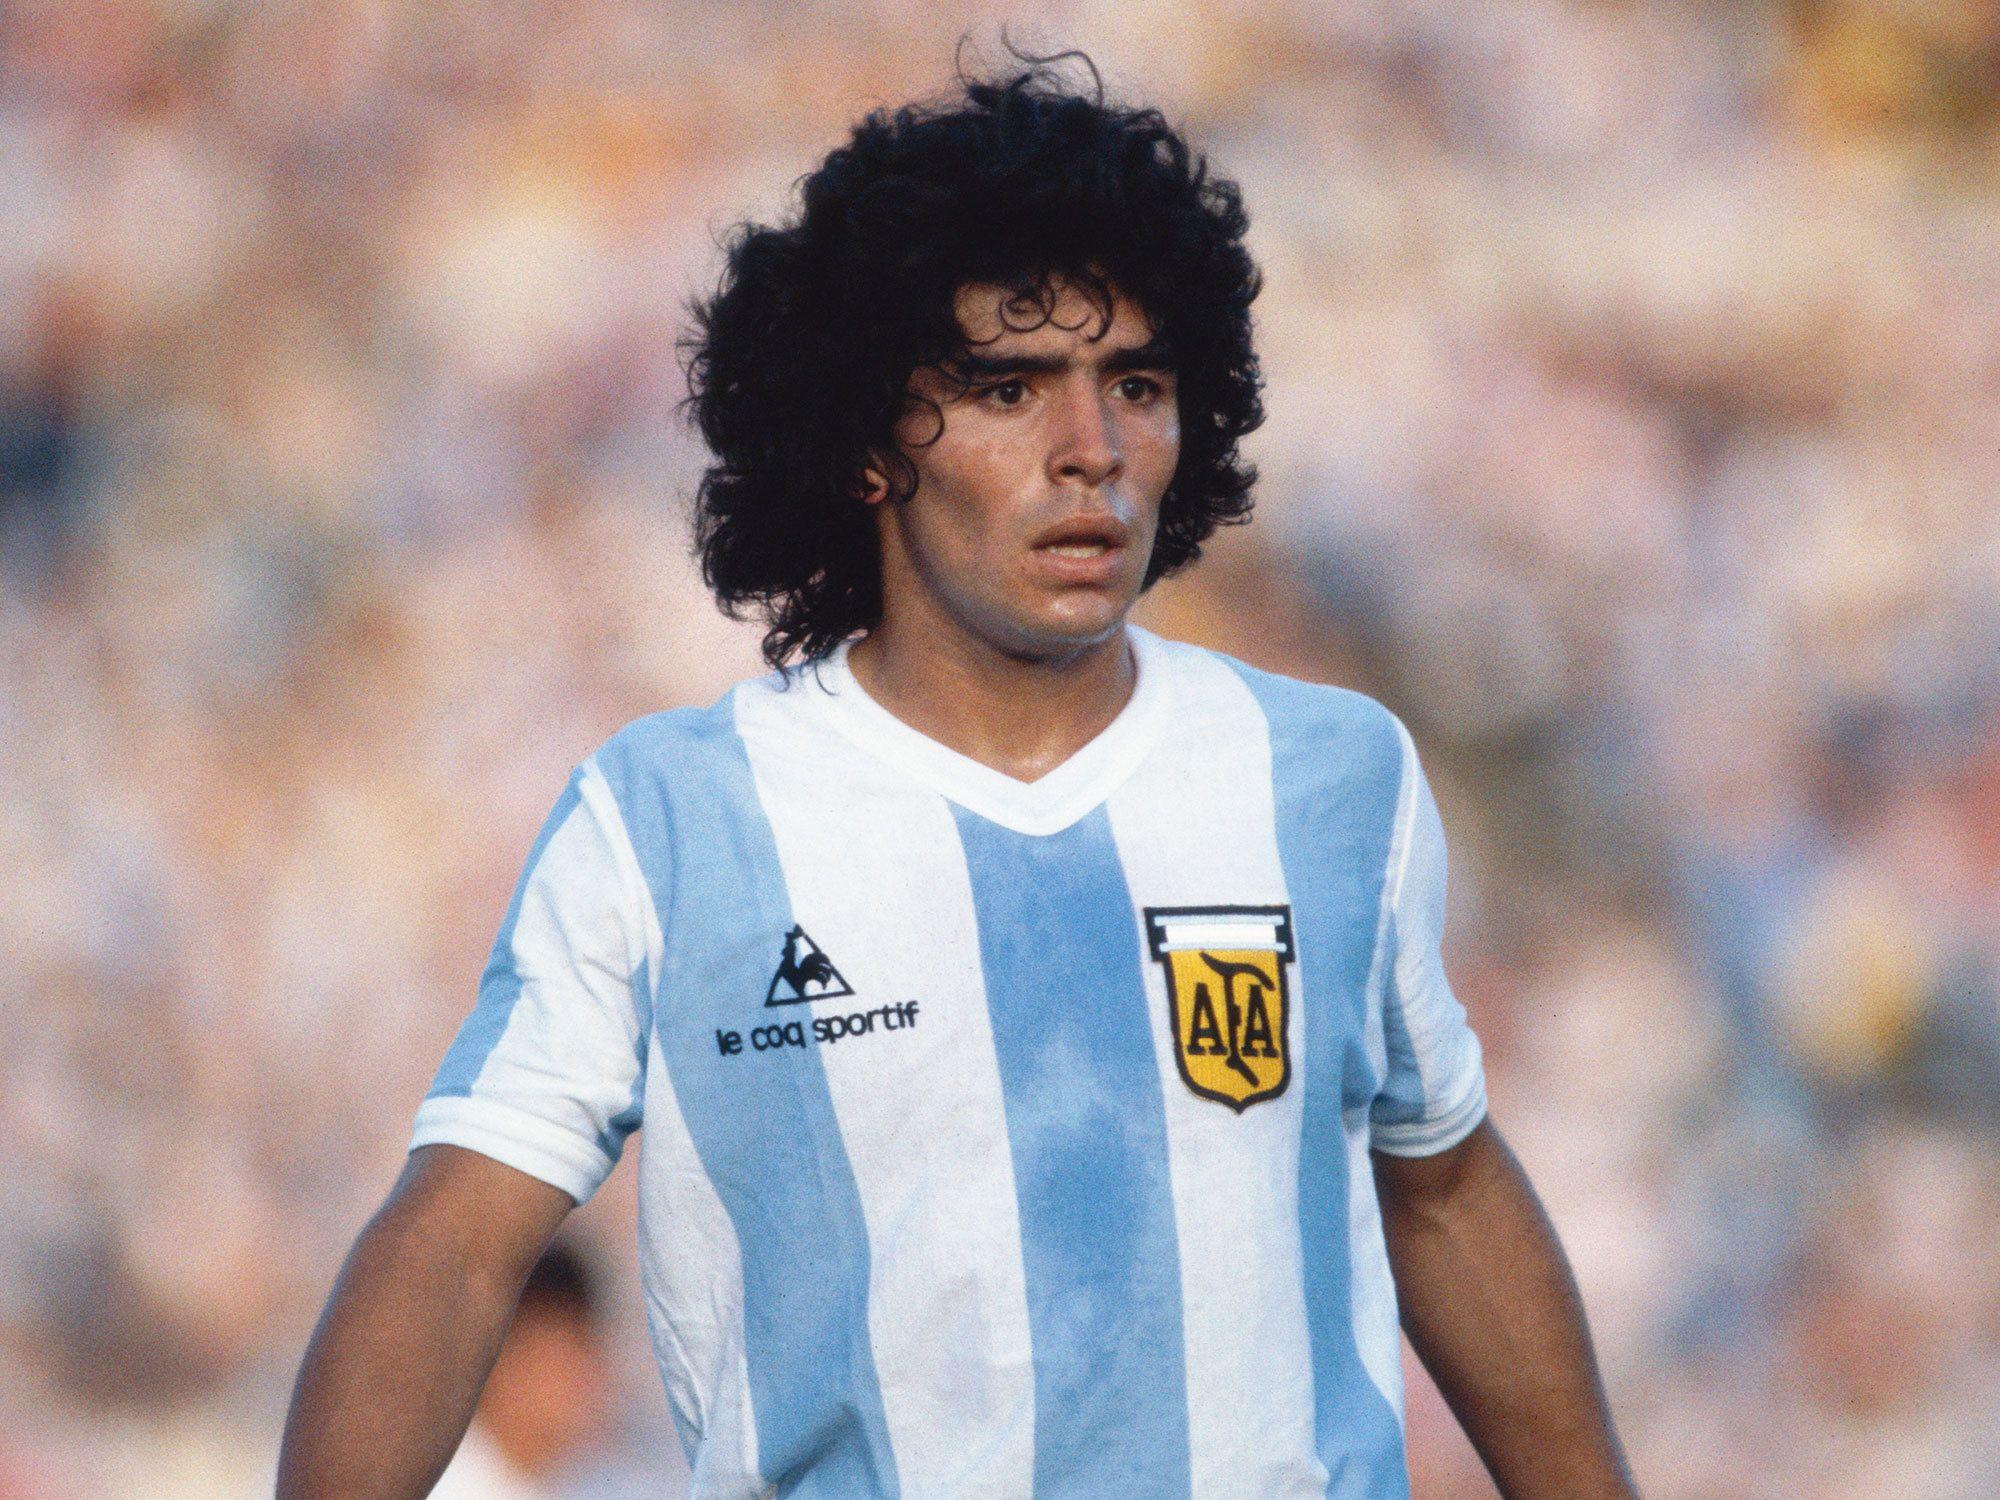 Biography diego maradona Diego Armando